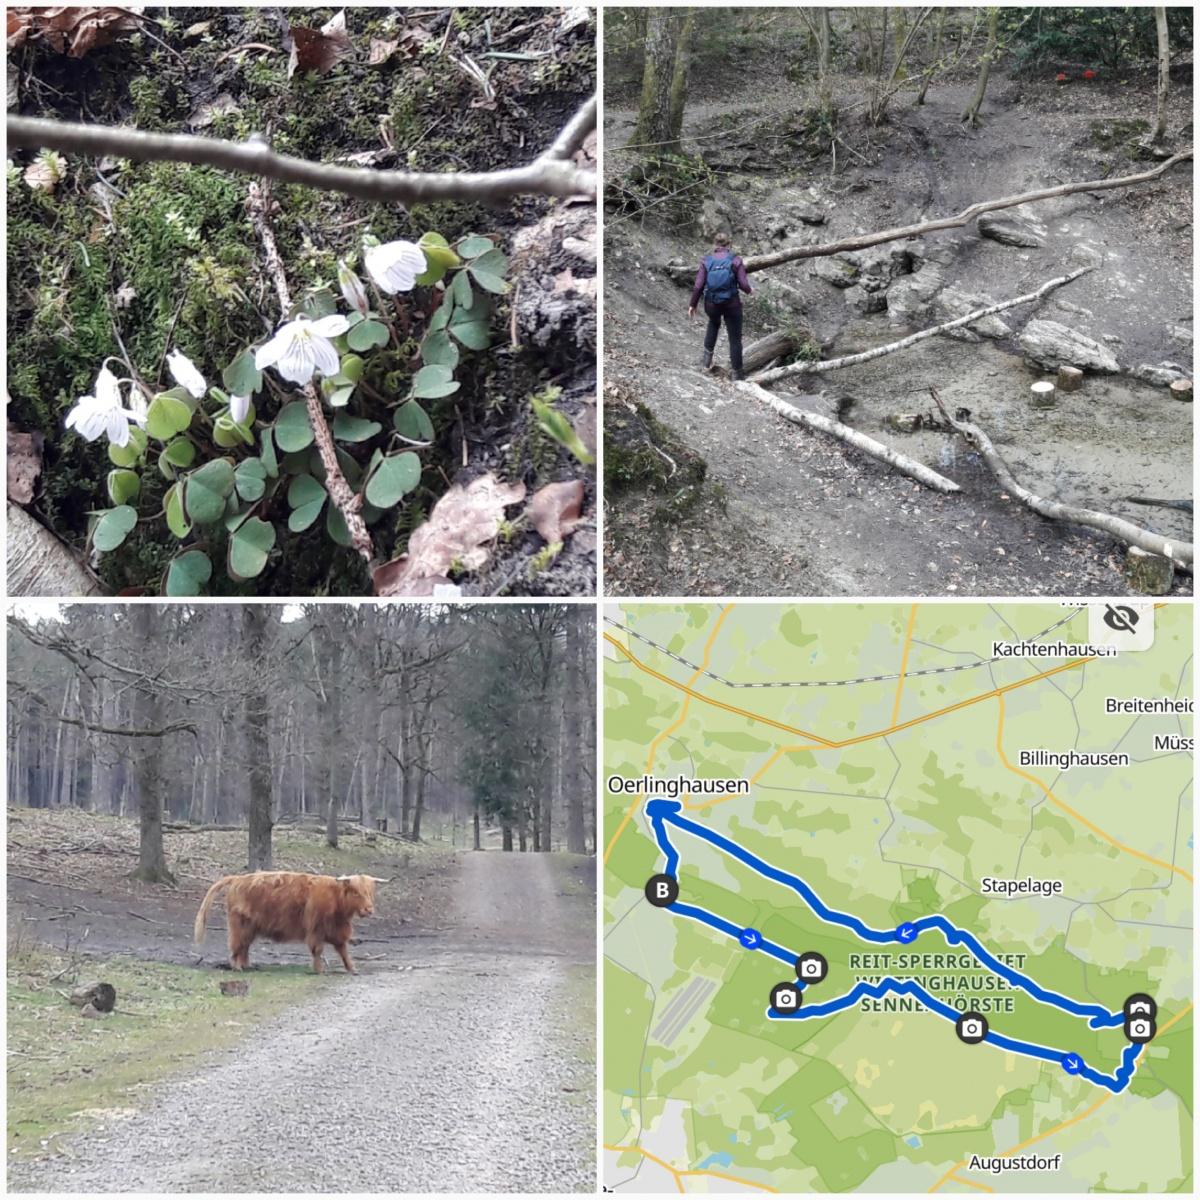 Weidmann-Gabriele-14-Challenge-Wistinghauser-Senne-OdrwU